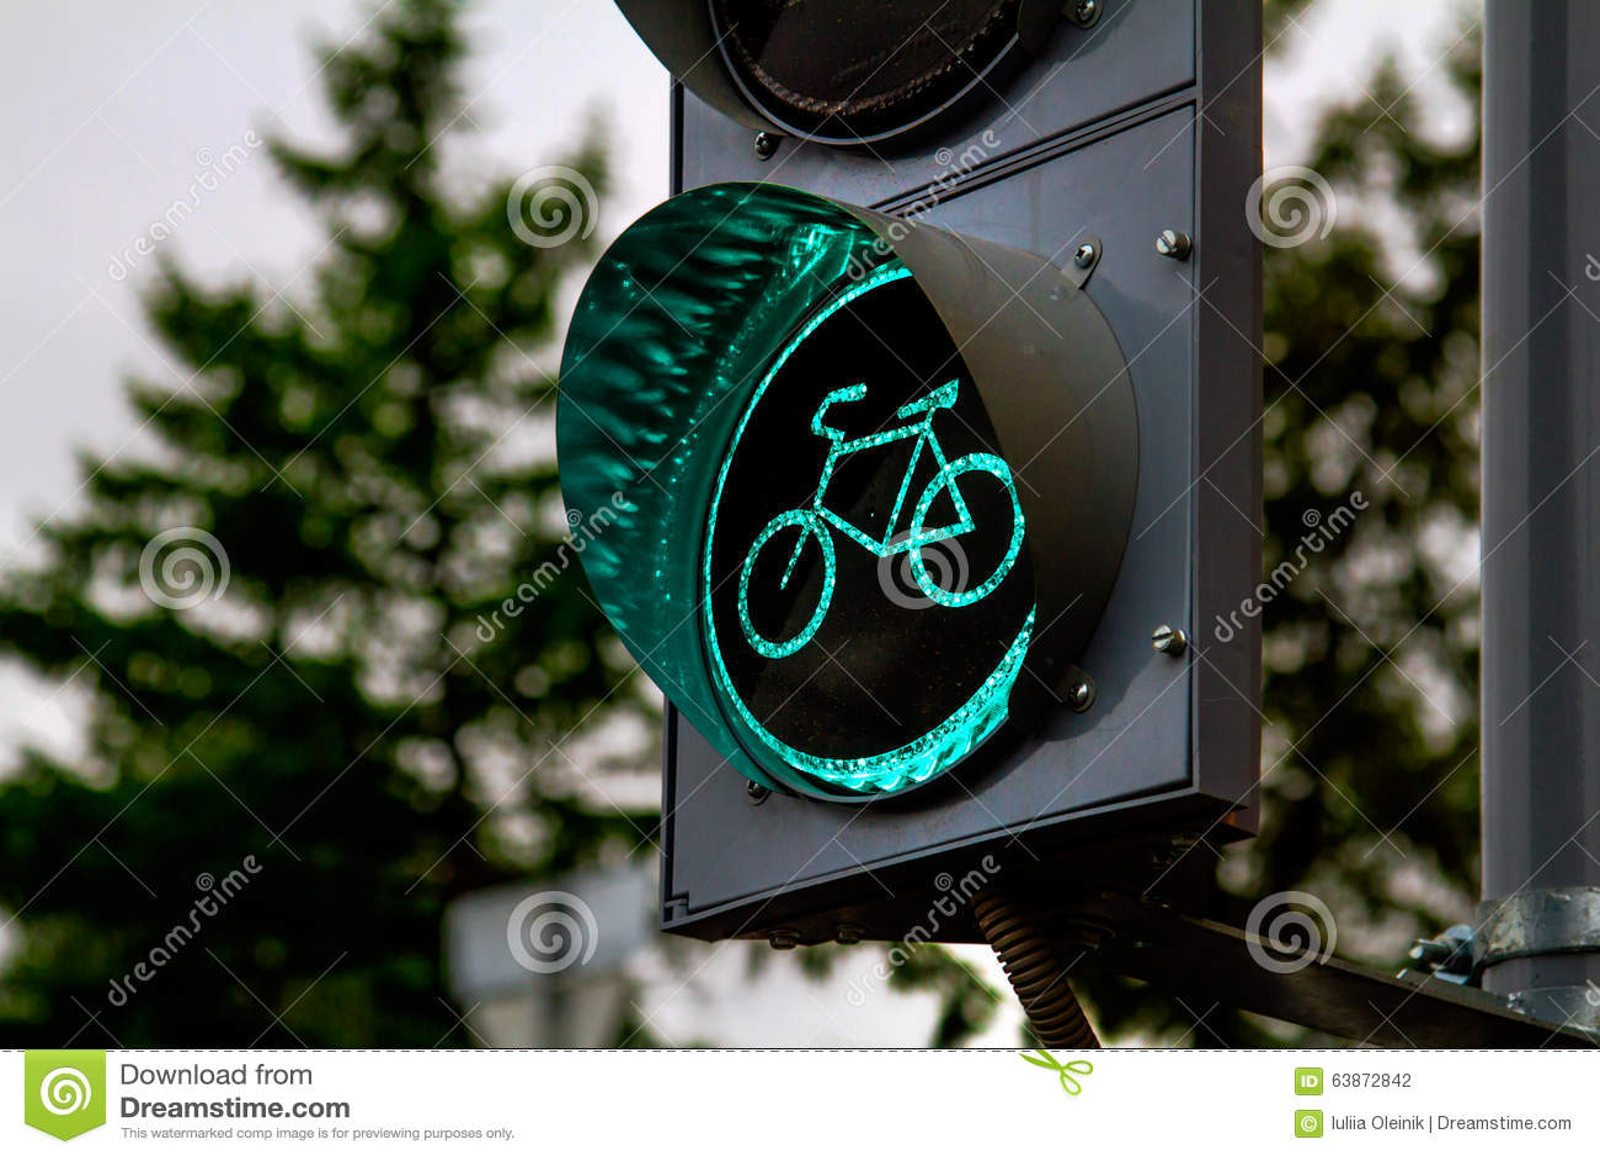 Fahrradampel Stockfoto Bild Von Outdoor Grau Achtung 63872842